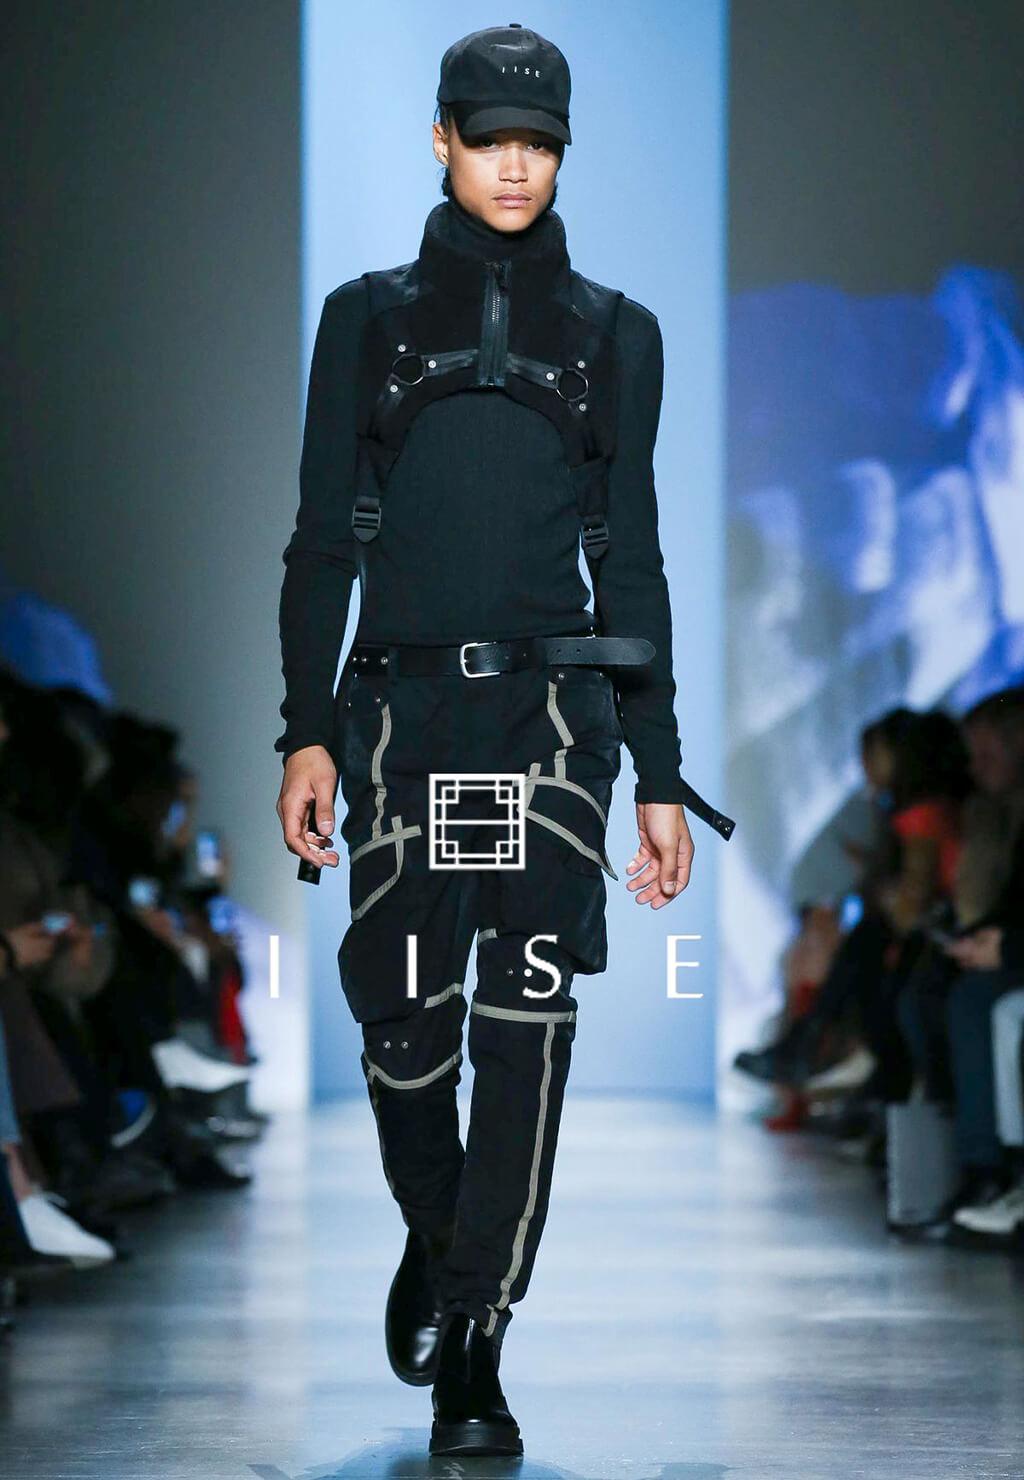 Joaquim Concpt Korea NY Fashion Show - Fevereiro 2020